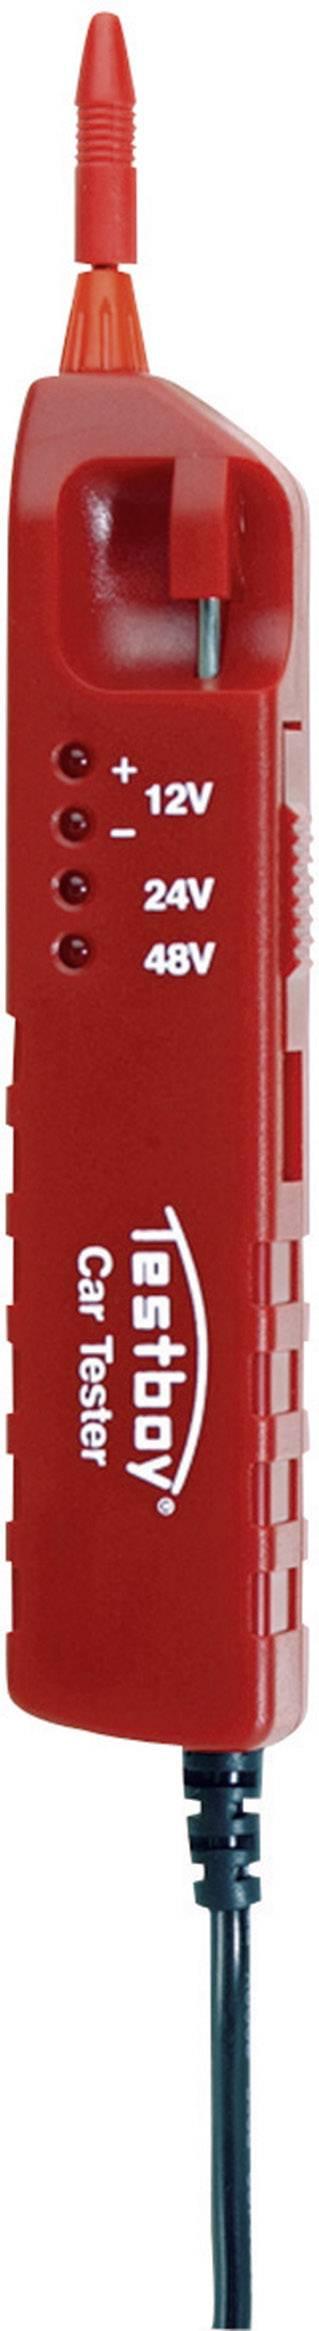 Zkoušečka napětí pro vozidla Testboy Cartester, 100.20049.0048